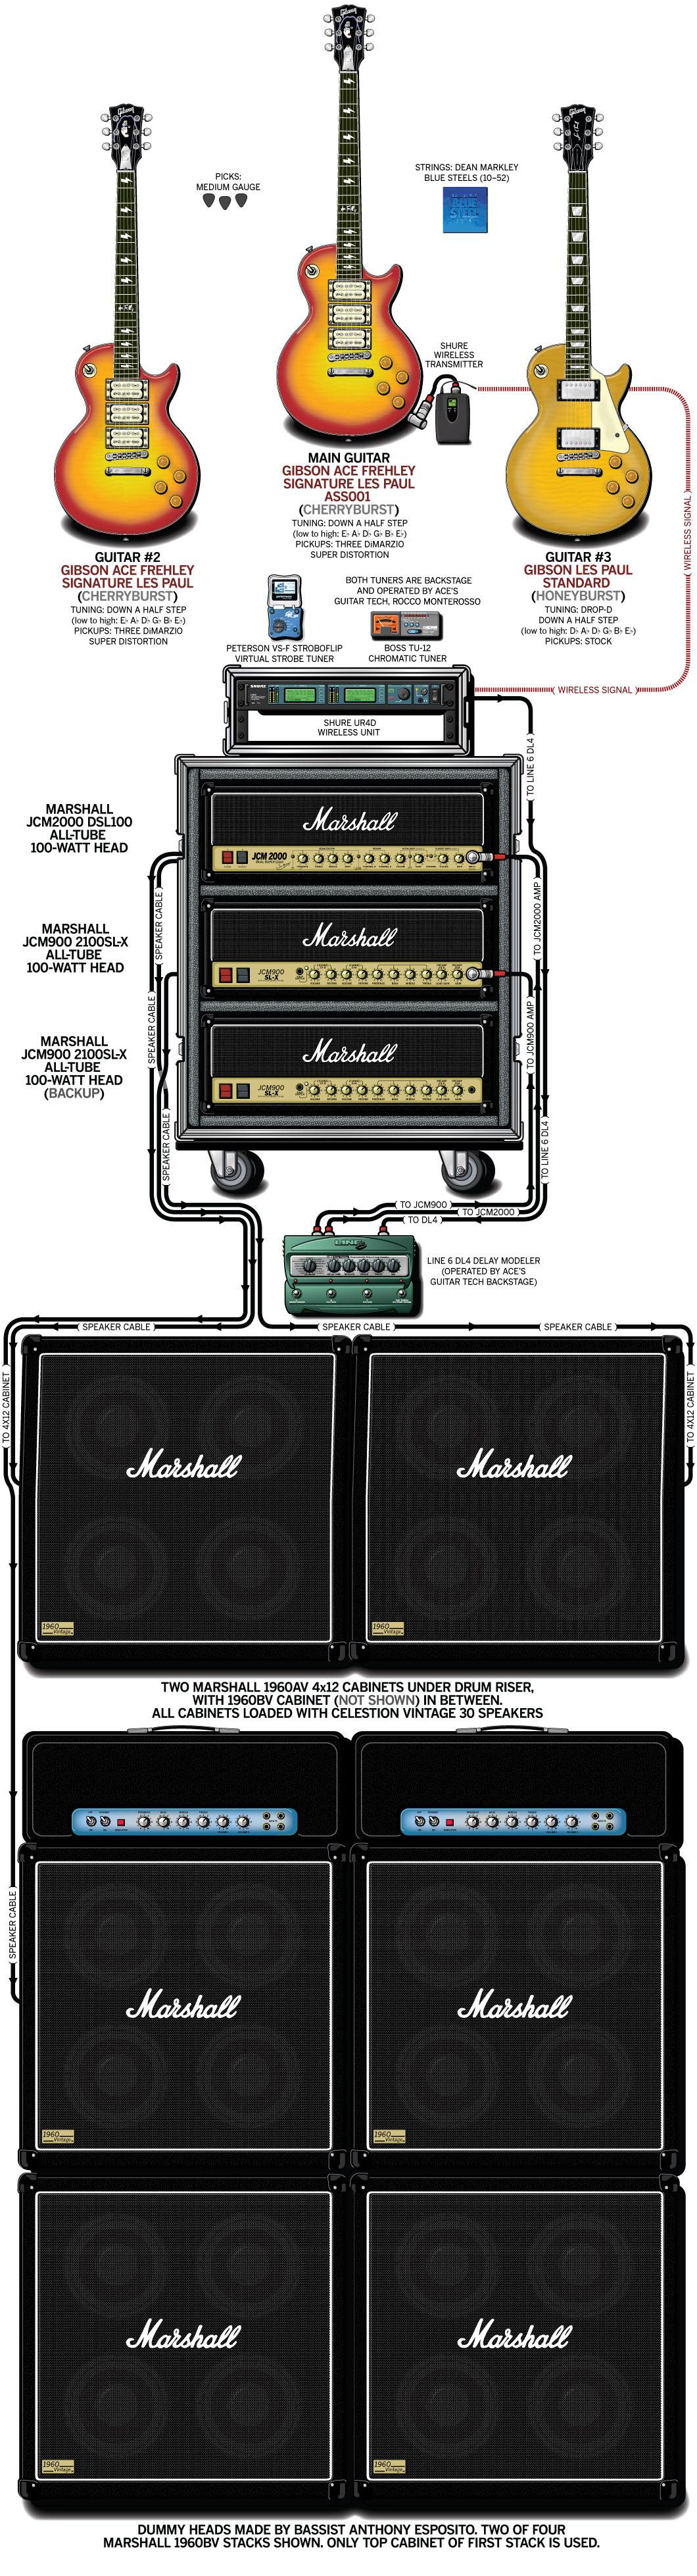 Ace Frehley Guitar Gear & Rig – 2010